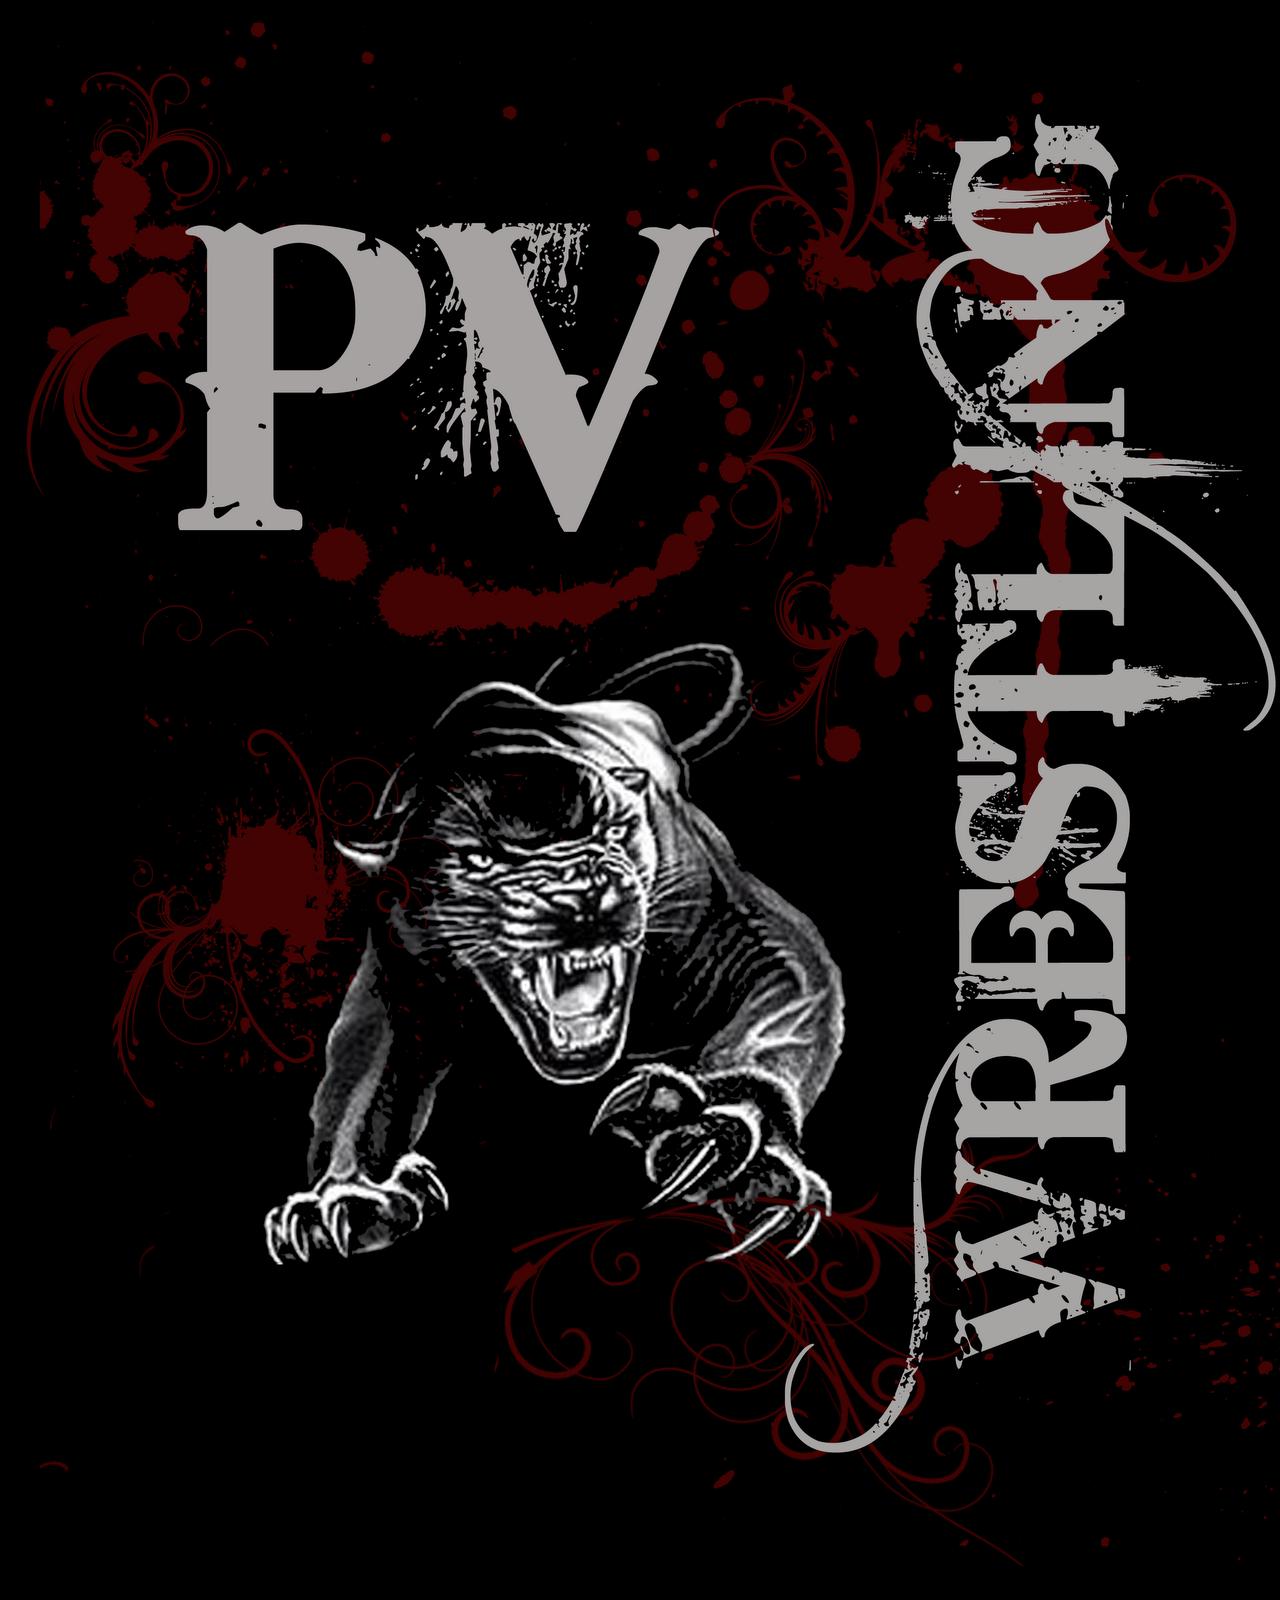 Pine View Wrest...